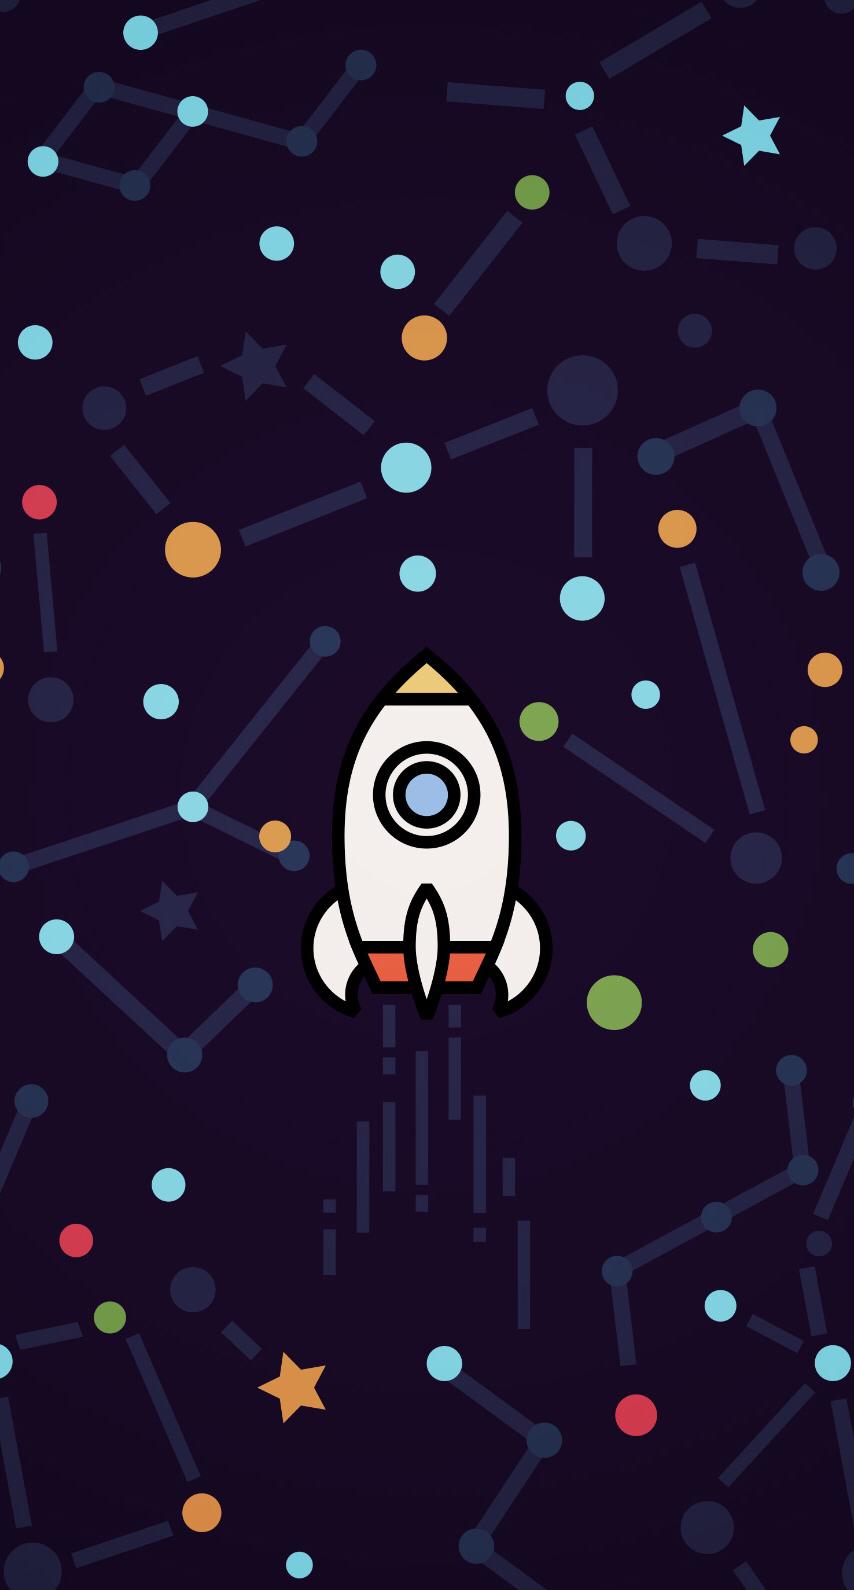 Fonds d 39 cran hd pour votre smartphone geekpratik for Fond ecran pour android